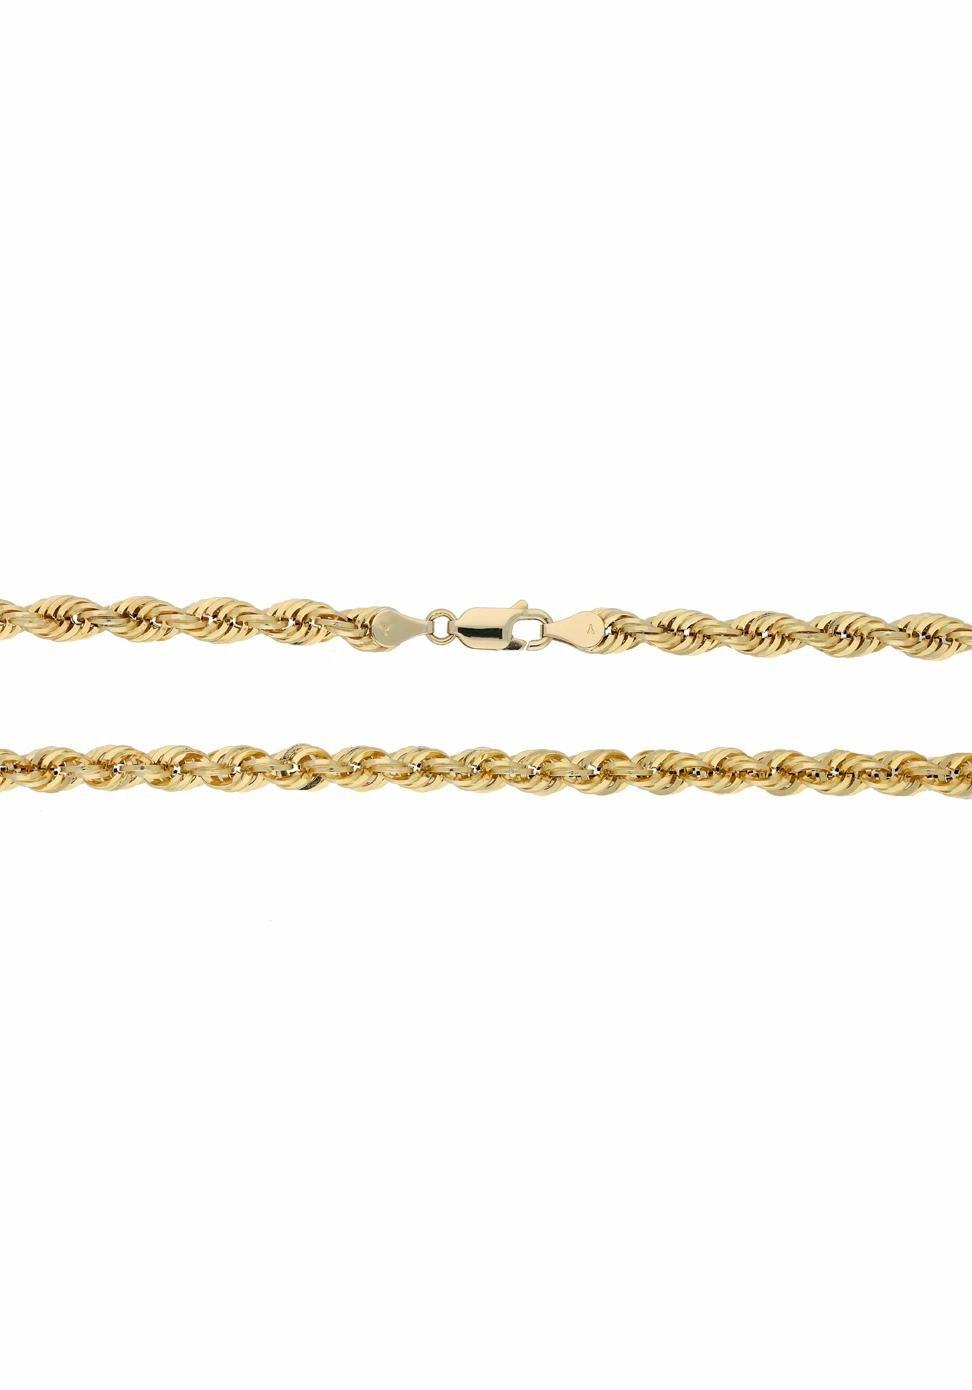 Firetti gouden ketting bestellen: 30 dagen bedenktijd